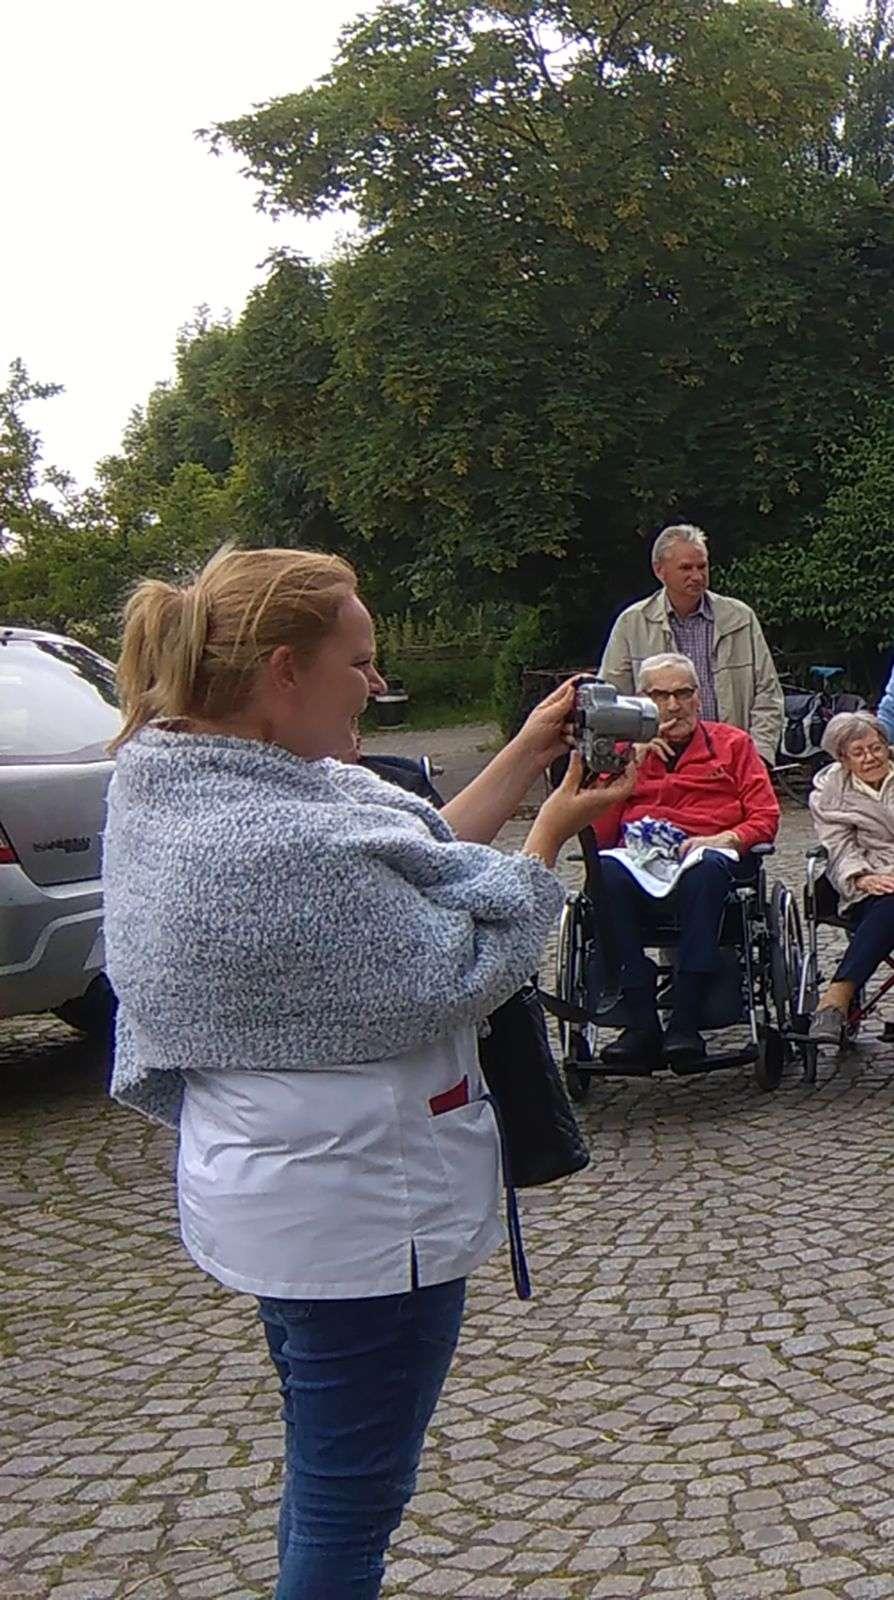 http://uvv-zoetermeer.nl/wp-content/uploads/2017/03/IMAG0027-001.jpg